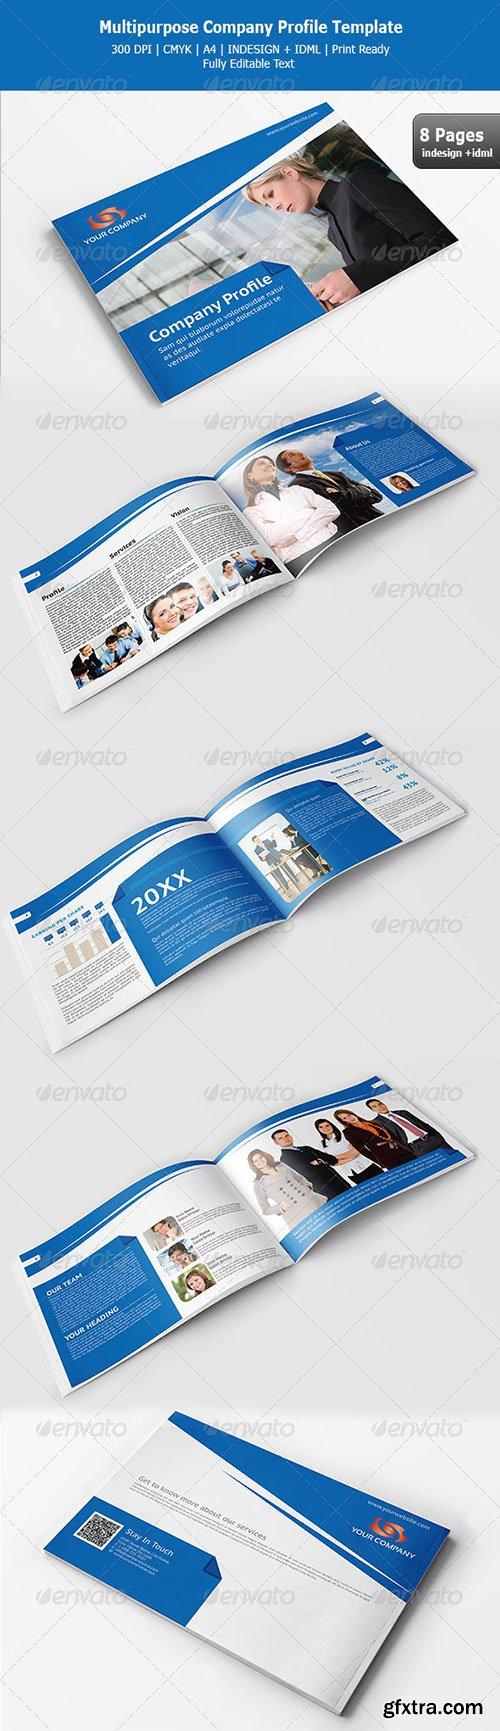 Graphicriver Multipurpose Company Profile Template Vector